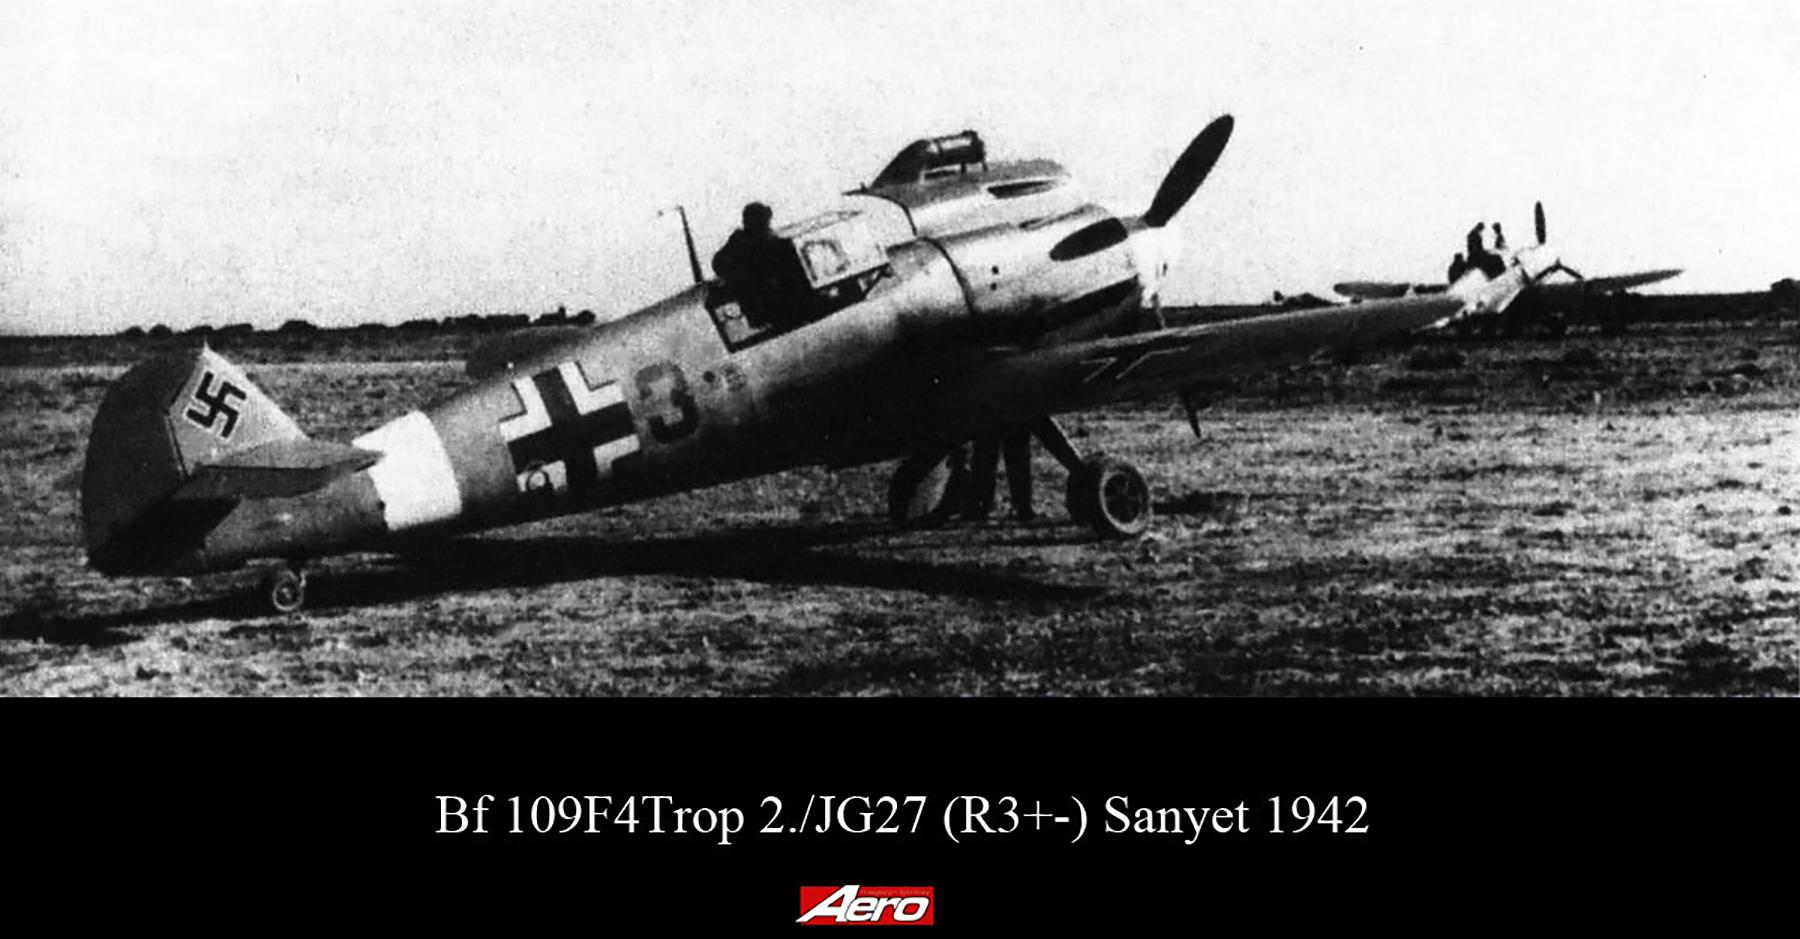 Messerschmitt Bf 109F4Trop 2.JG27 Red 3 Sanyet 1942 02